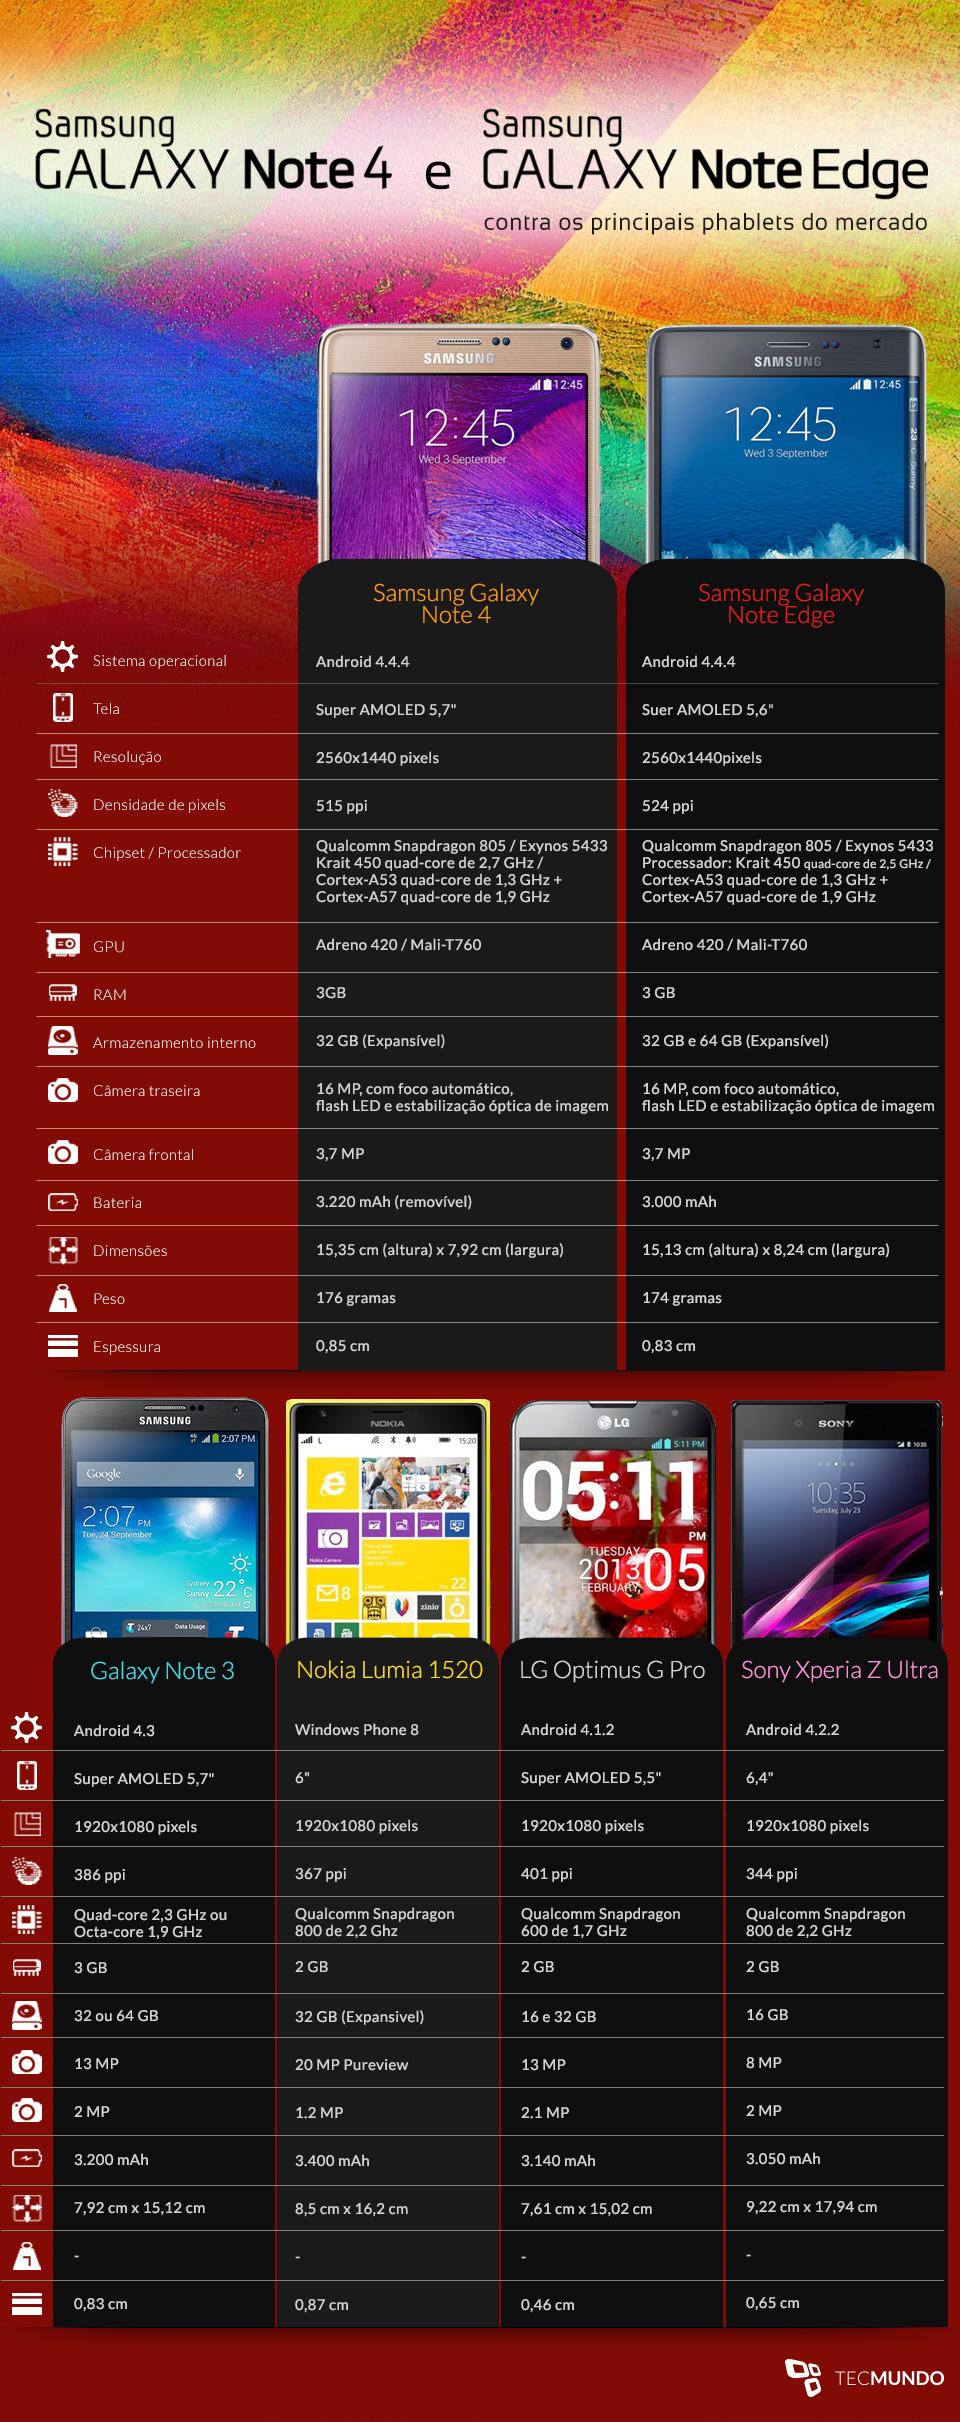 Comparação: Galaxy Note 4 contra os principais phablets do mercado